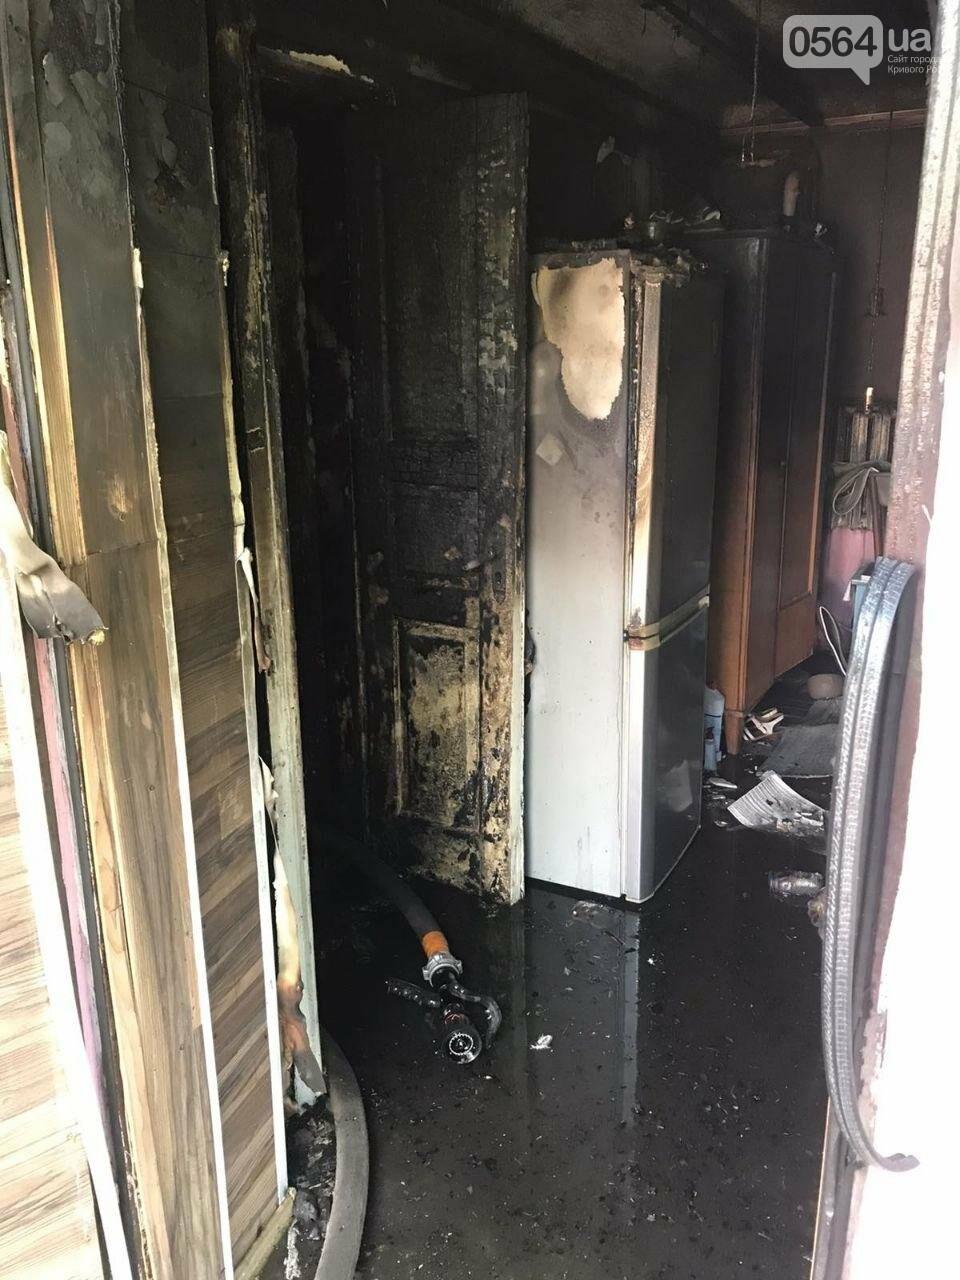 Из горящего дома криворожские спасатели эвакуировали 89-летнюю женщину, фото-2